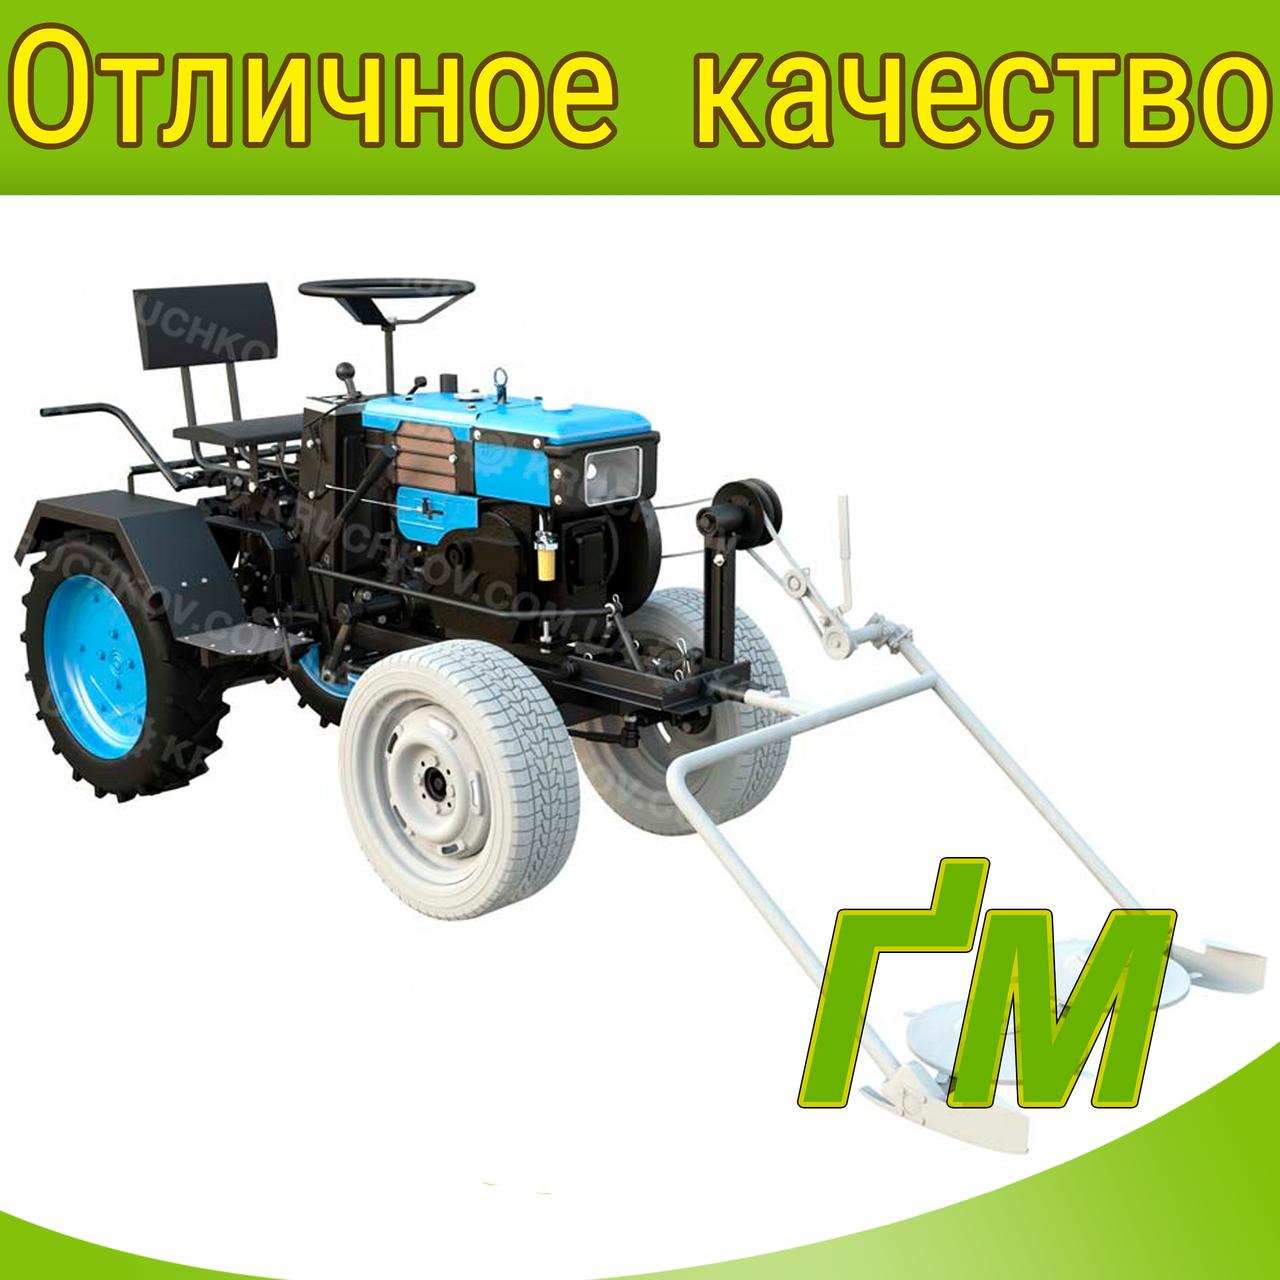 Комплект для переоборудования мотоблока в мототрактор №5 (гидравлическая тормозная система) (КТ16,КТ18)